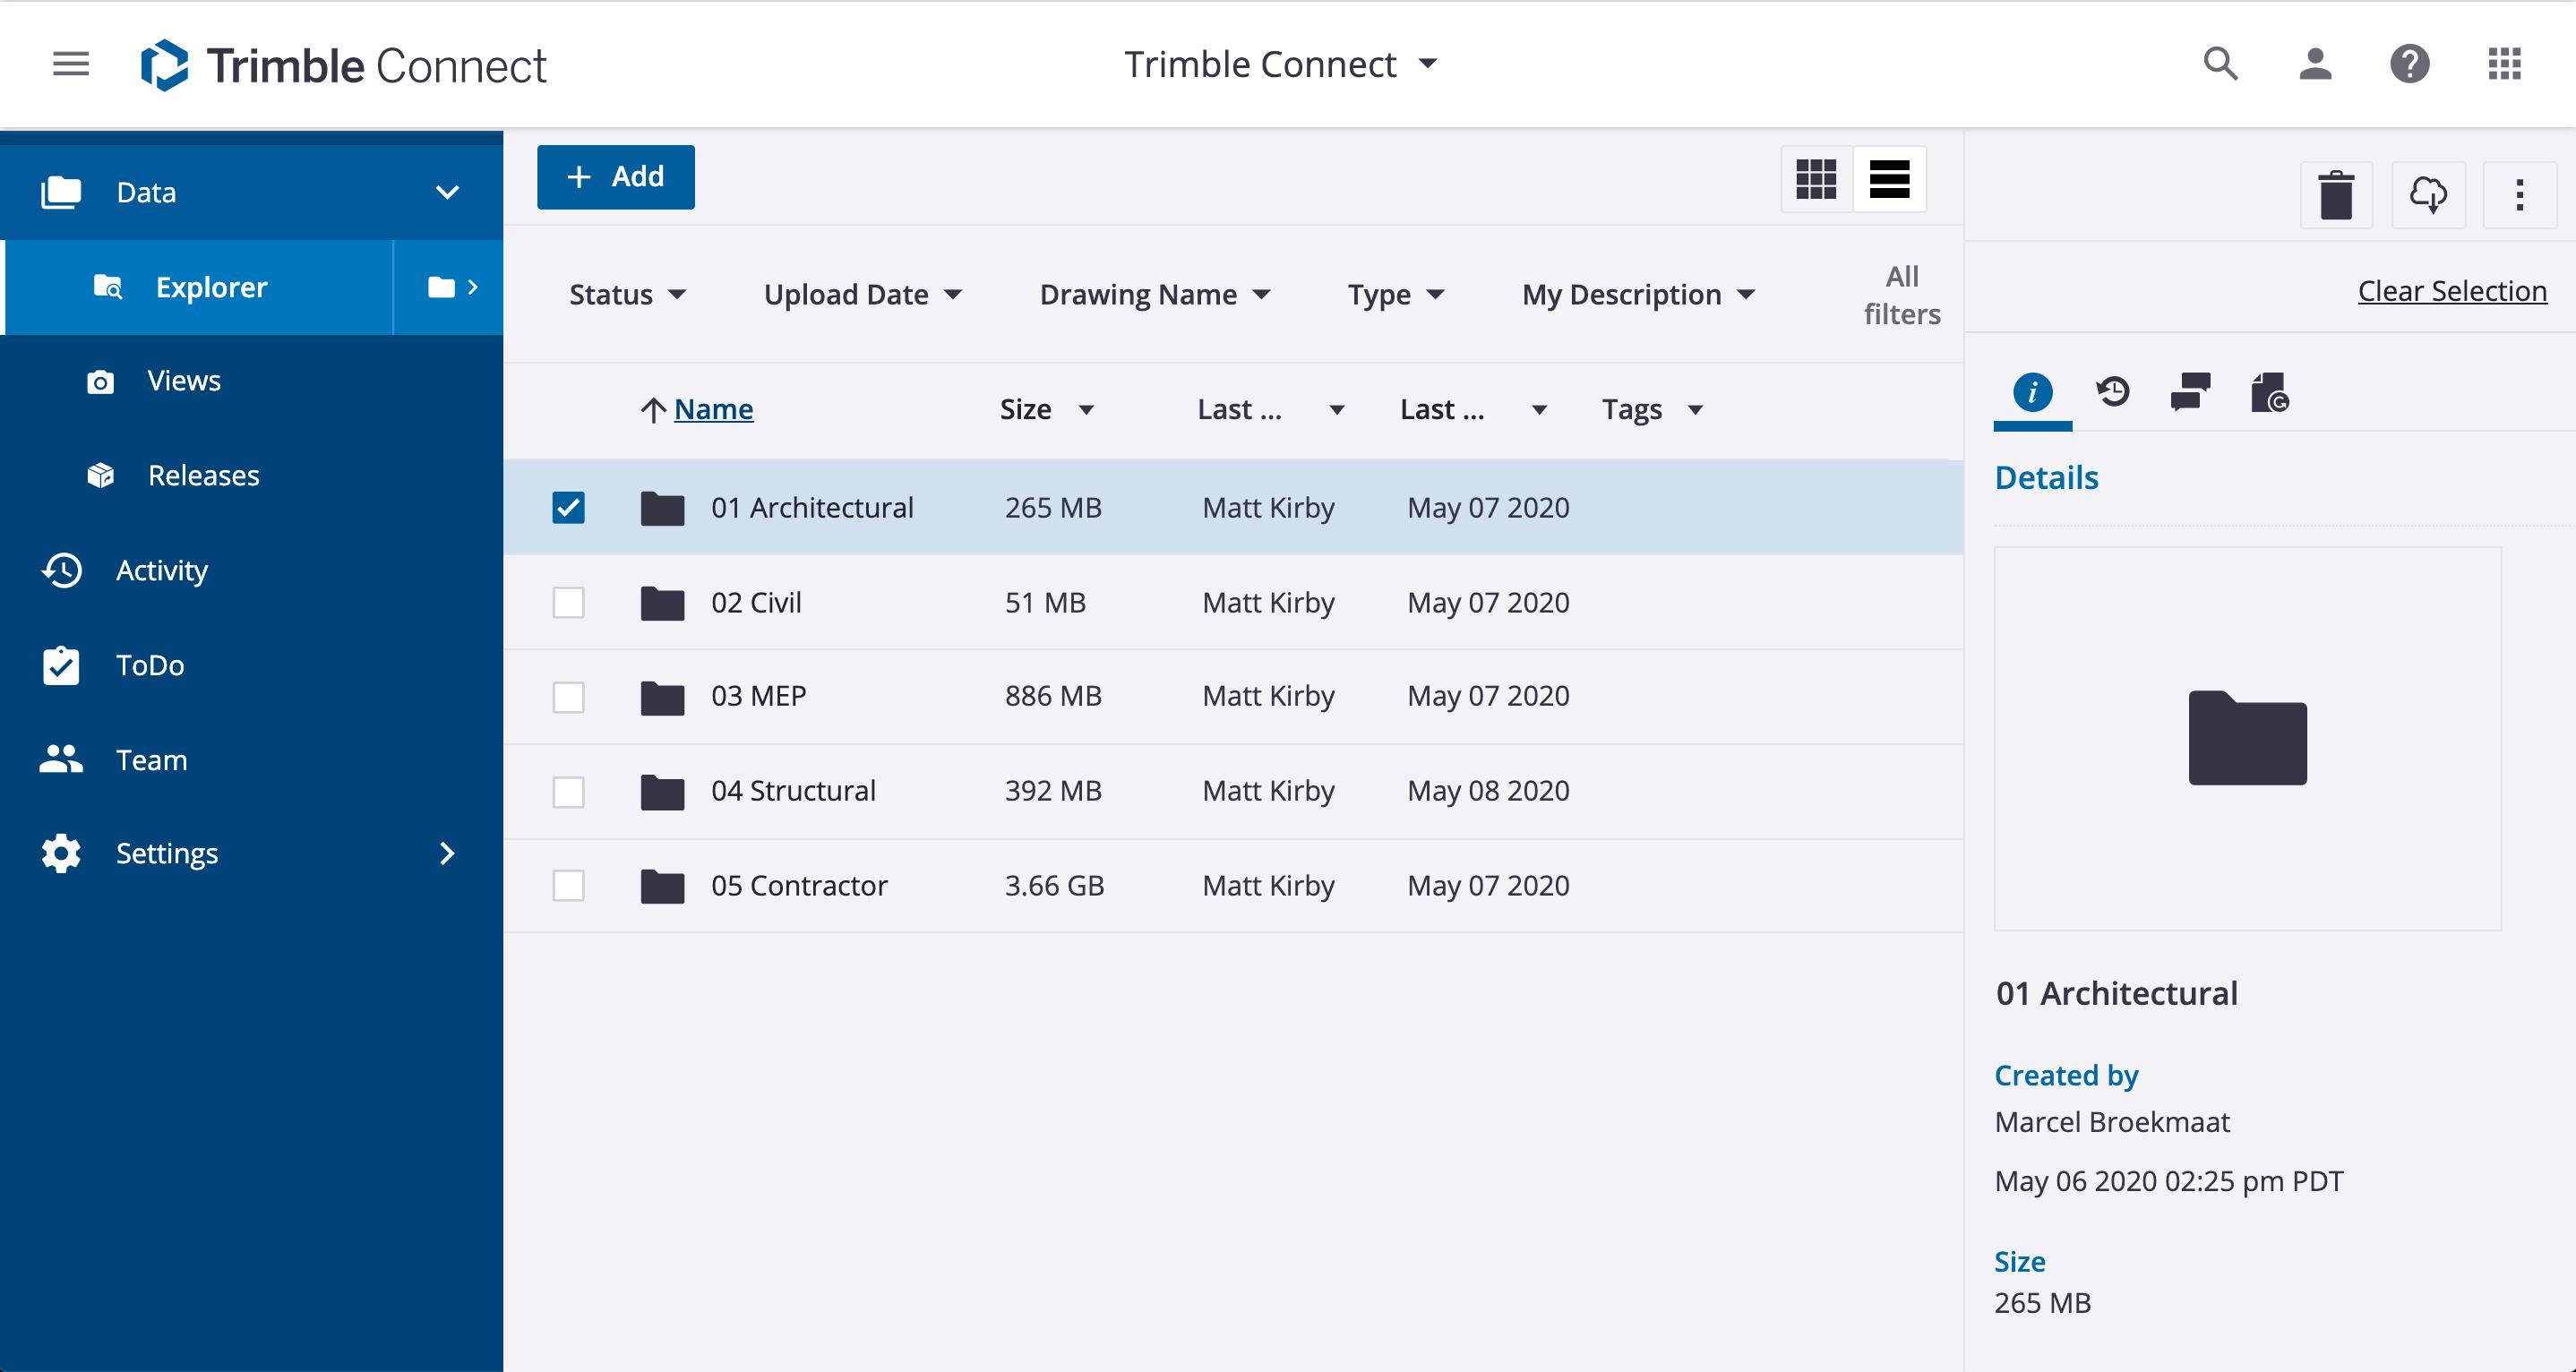 Trimble Connect data explorer